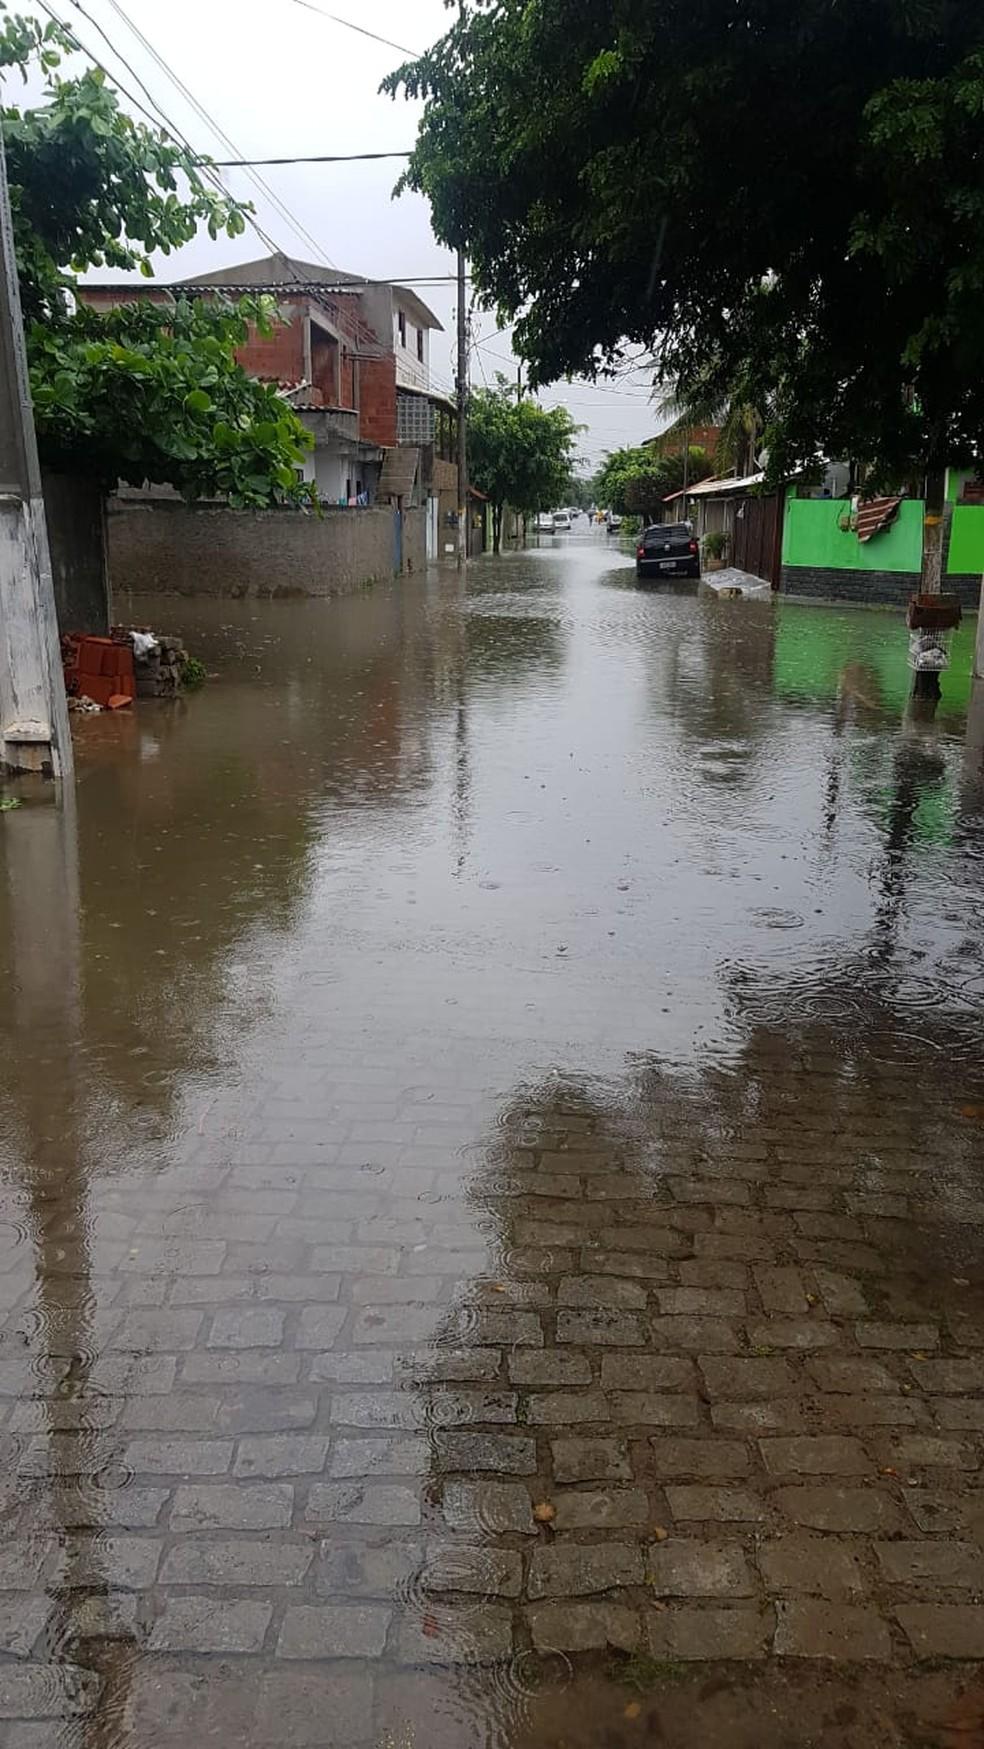 Bairro Vila do Sol, em Cabo Frio, alagou por conta da chuva — Foto: Samuel Paula/arquivo pessoal